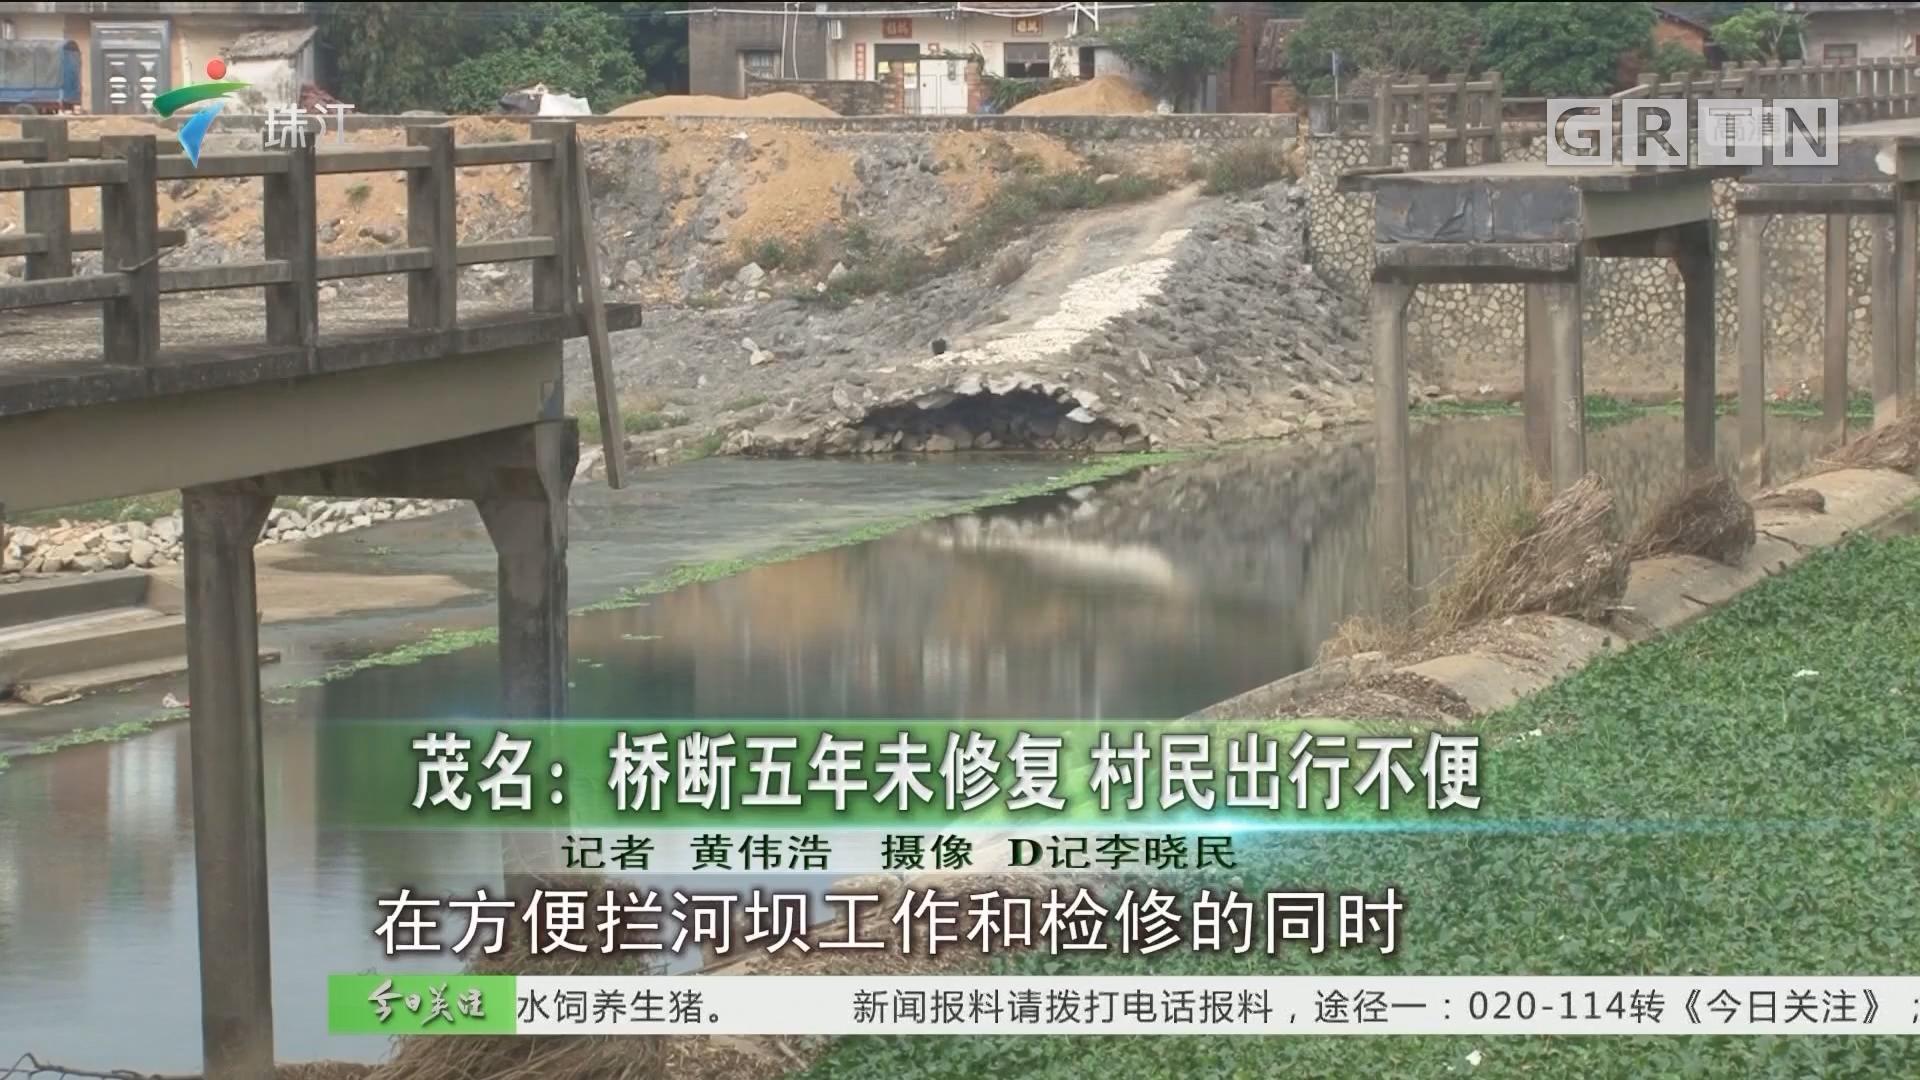 茂名:桥断五年未修复 村民出行不便